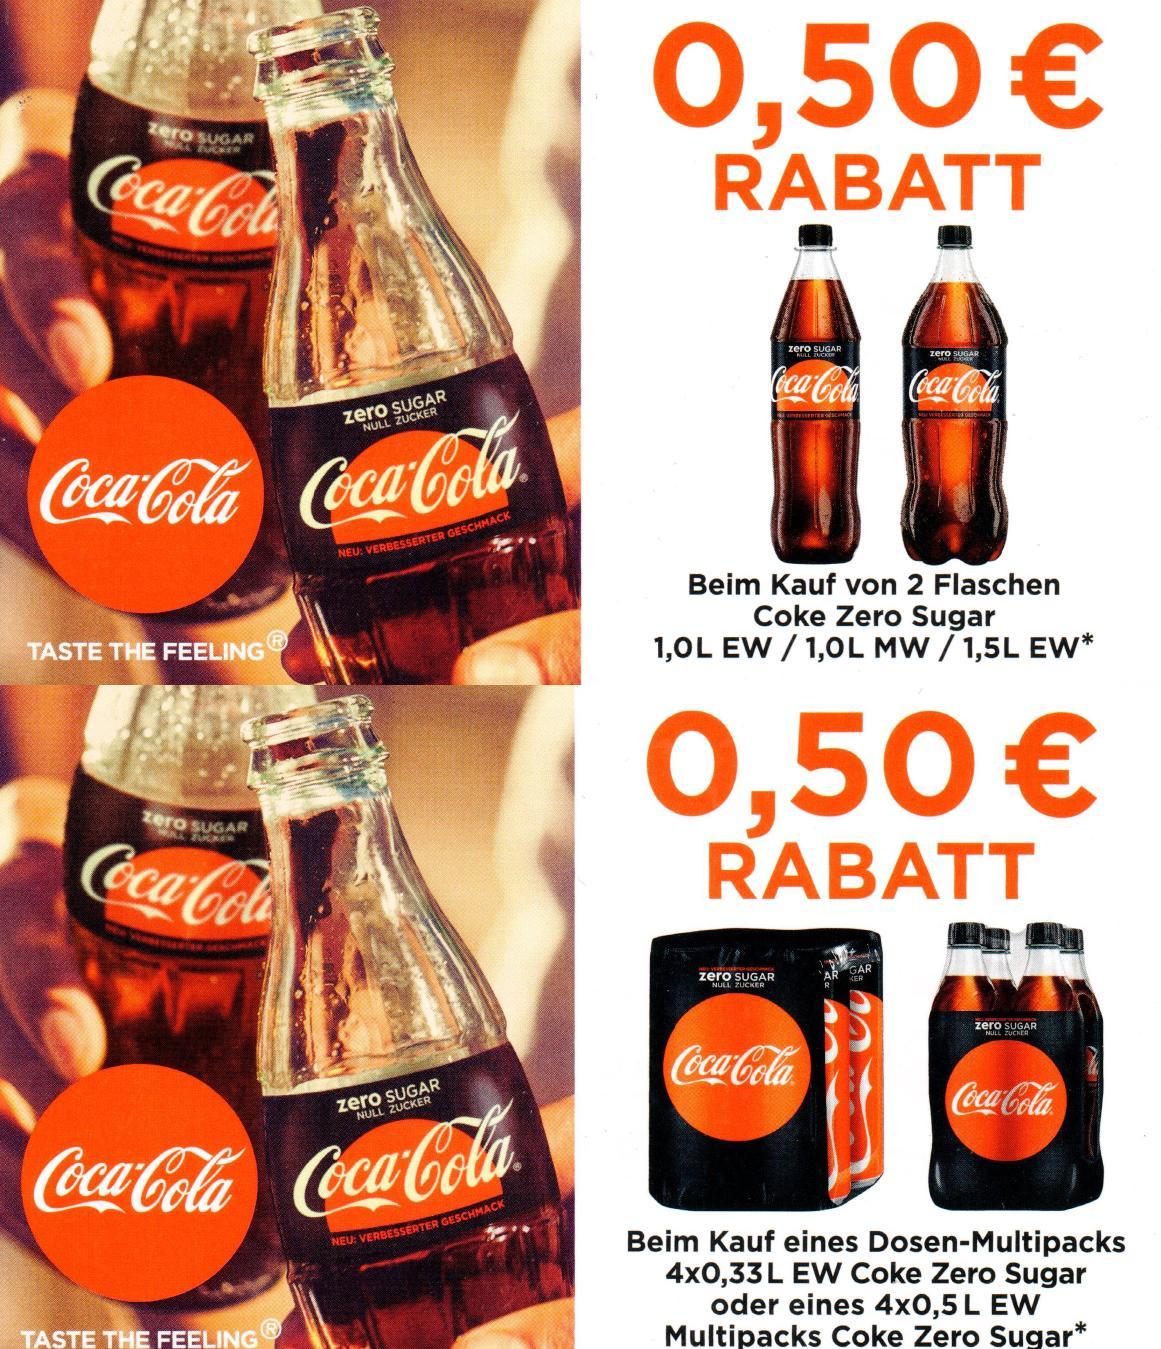 0,50€ Sofort-Rabatt-Coupon für Coke Zero 2x1,0l/1,5l oder 4x0,33l/0,5l bis 30.09.2017 [bundesweit]